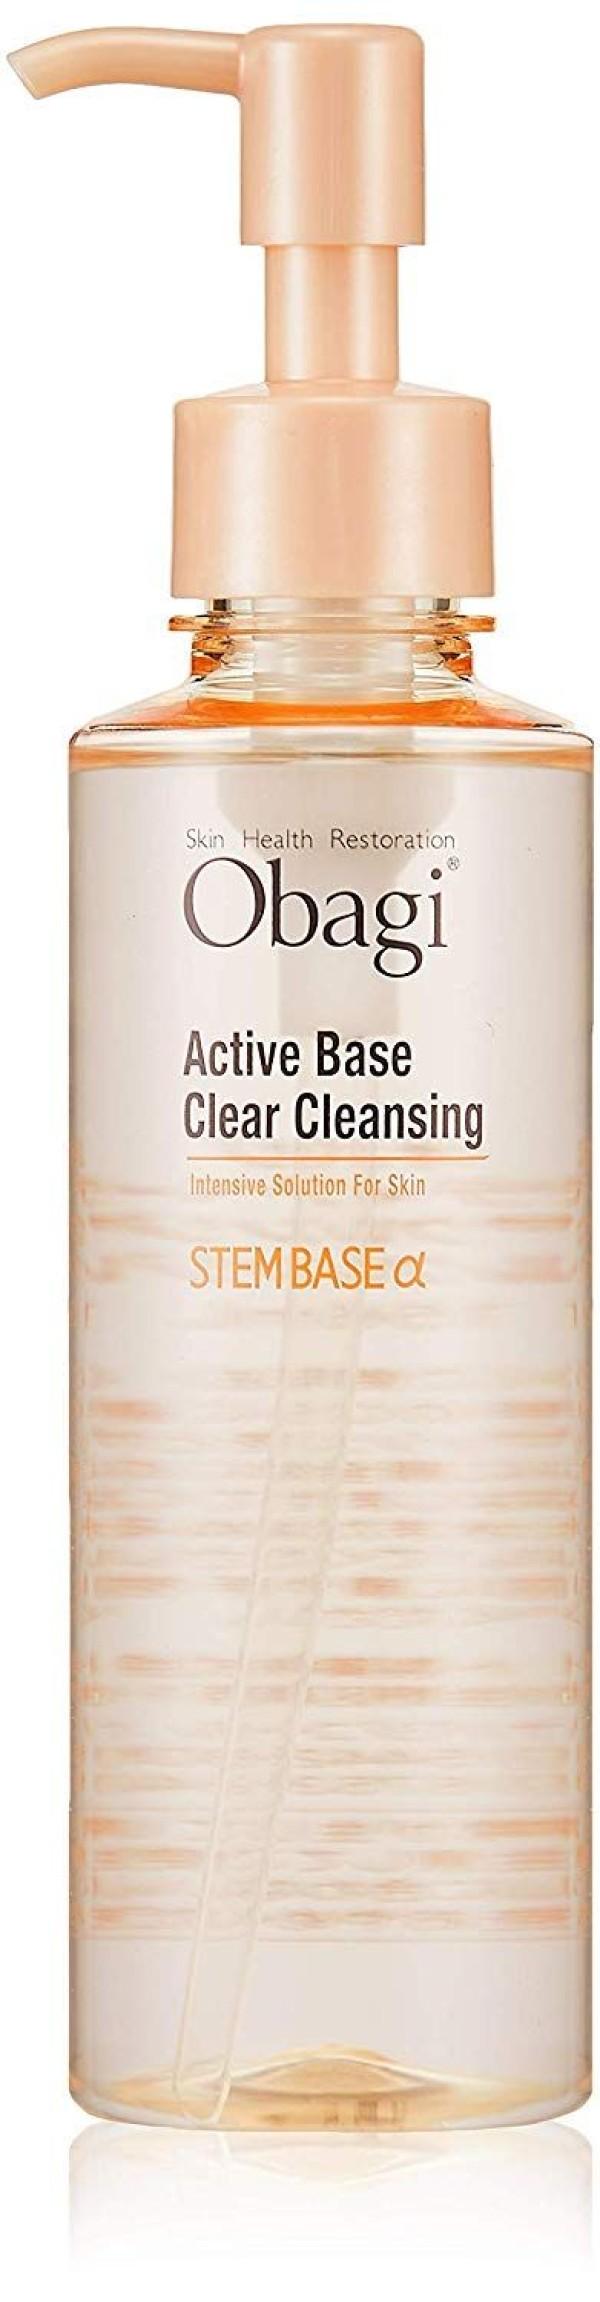 Гидрофильное масло Obagi Active Base Clear Cleansing для снятия макияжа